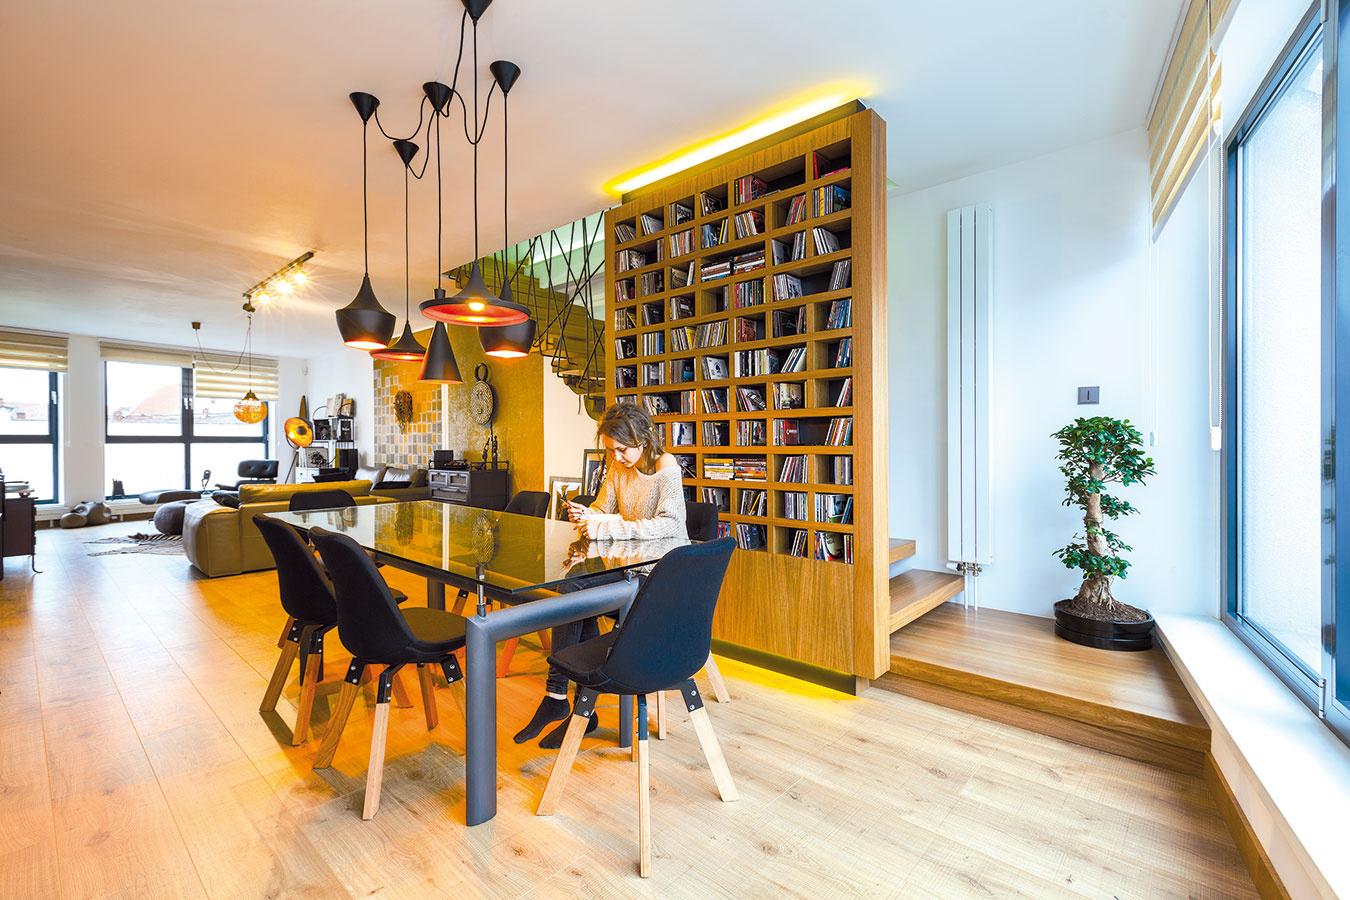 Párty byt. Keďže Dušan aLea radi varia ačasto knim chodia hostia, potrebovali priestor pre veľa ľudí. Dizajnér ich želanie splnil veľkým jedálenským stolom ašpičkovo vybavenou kuchyňou, vktorej nechýba ani vinotéka.